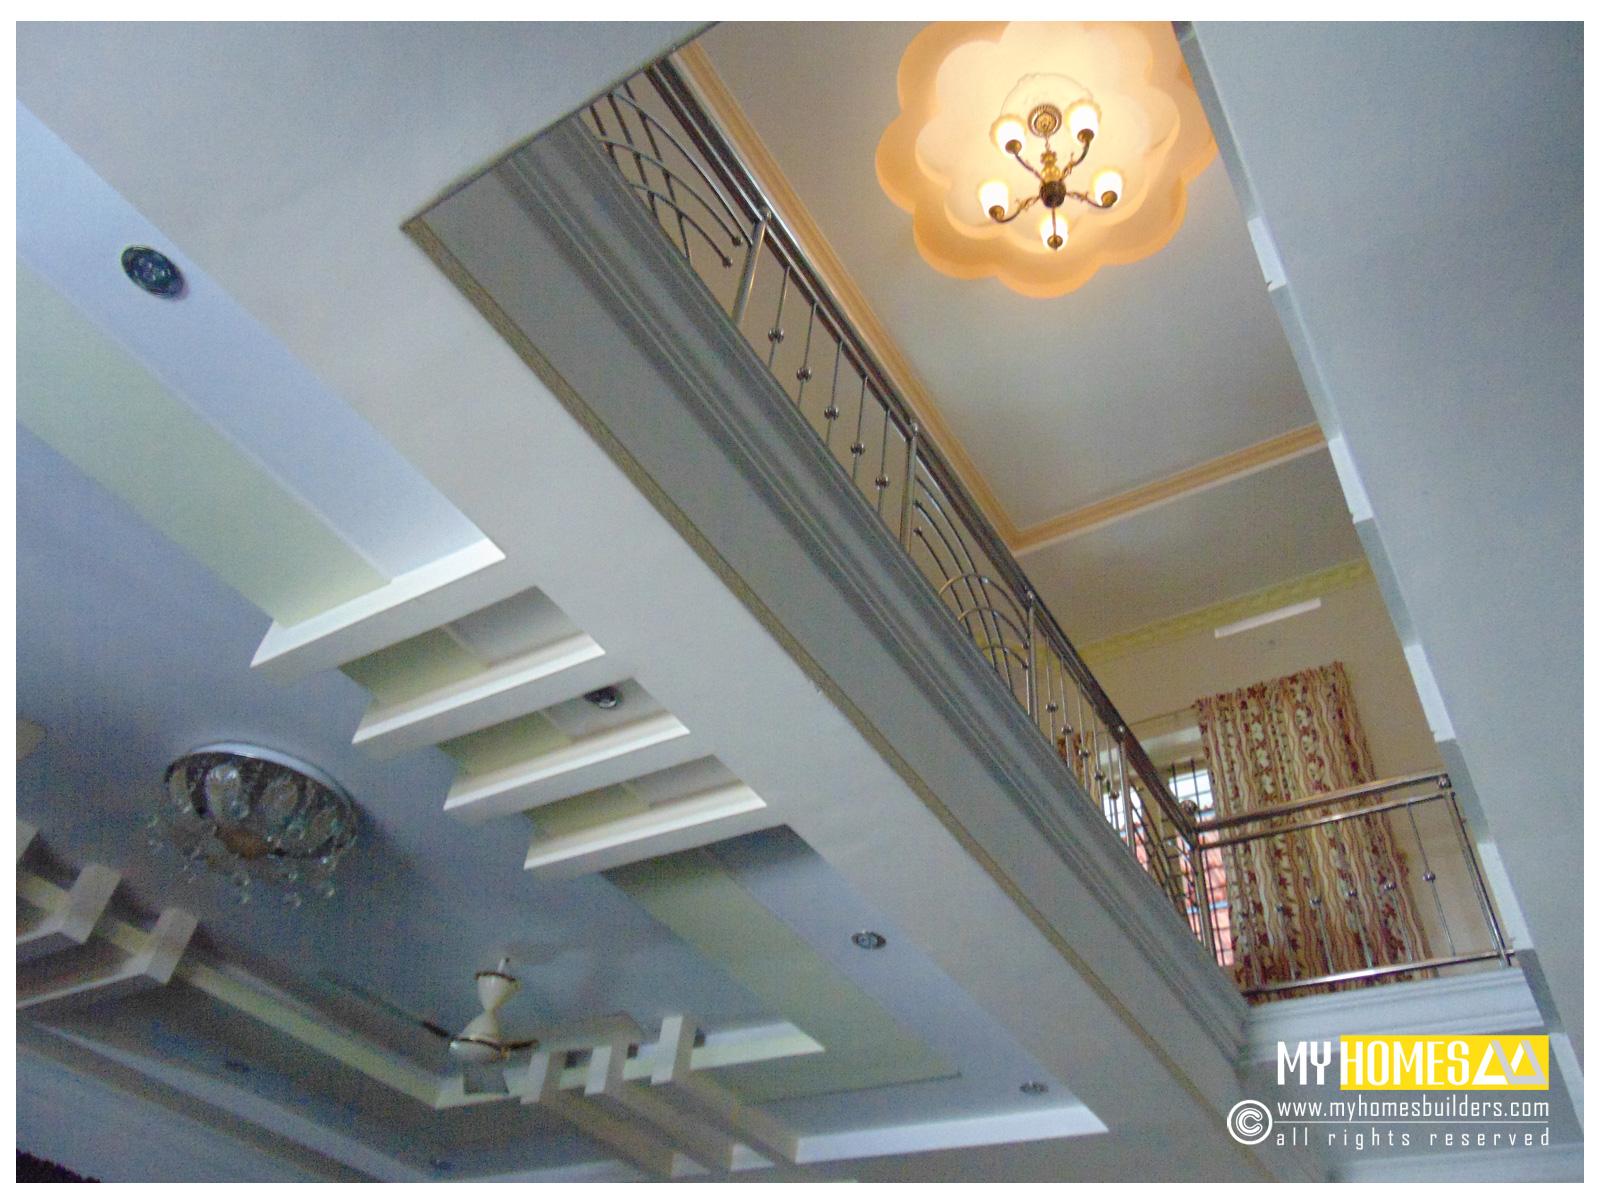 kerala house staircase designs, kerala homes staircase designs, house stair case interior